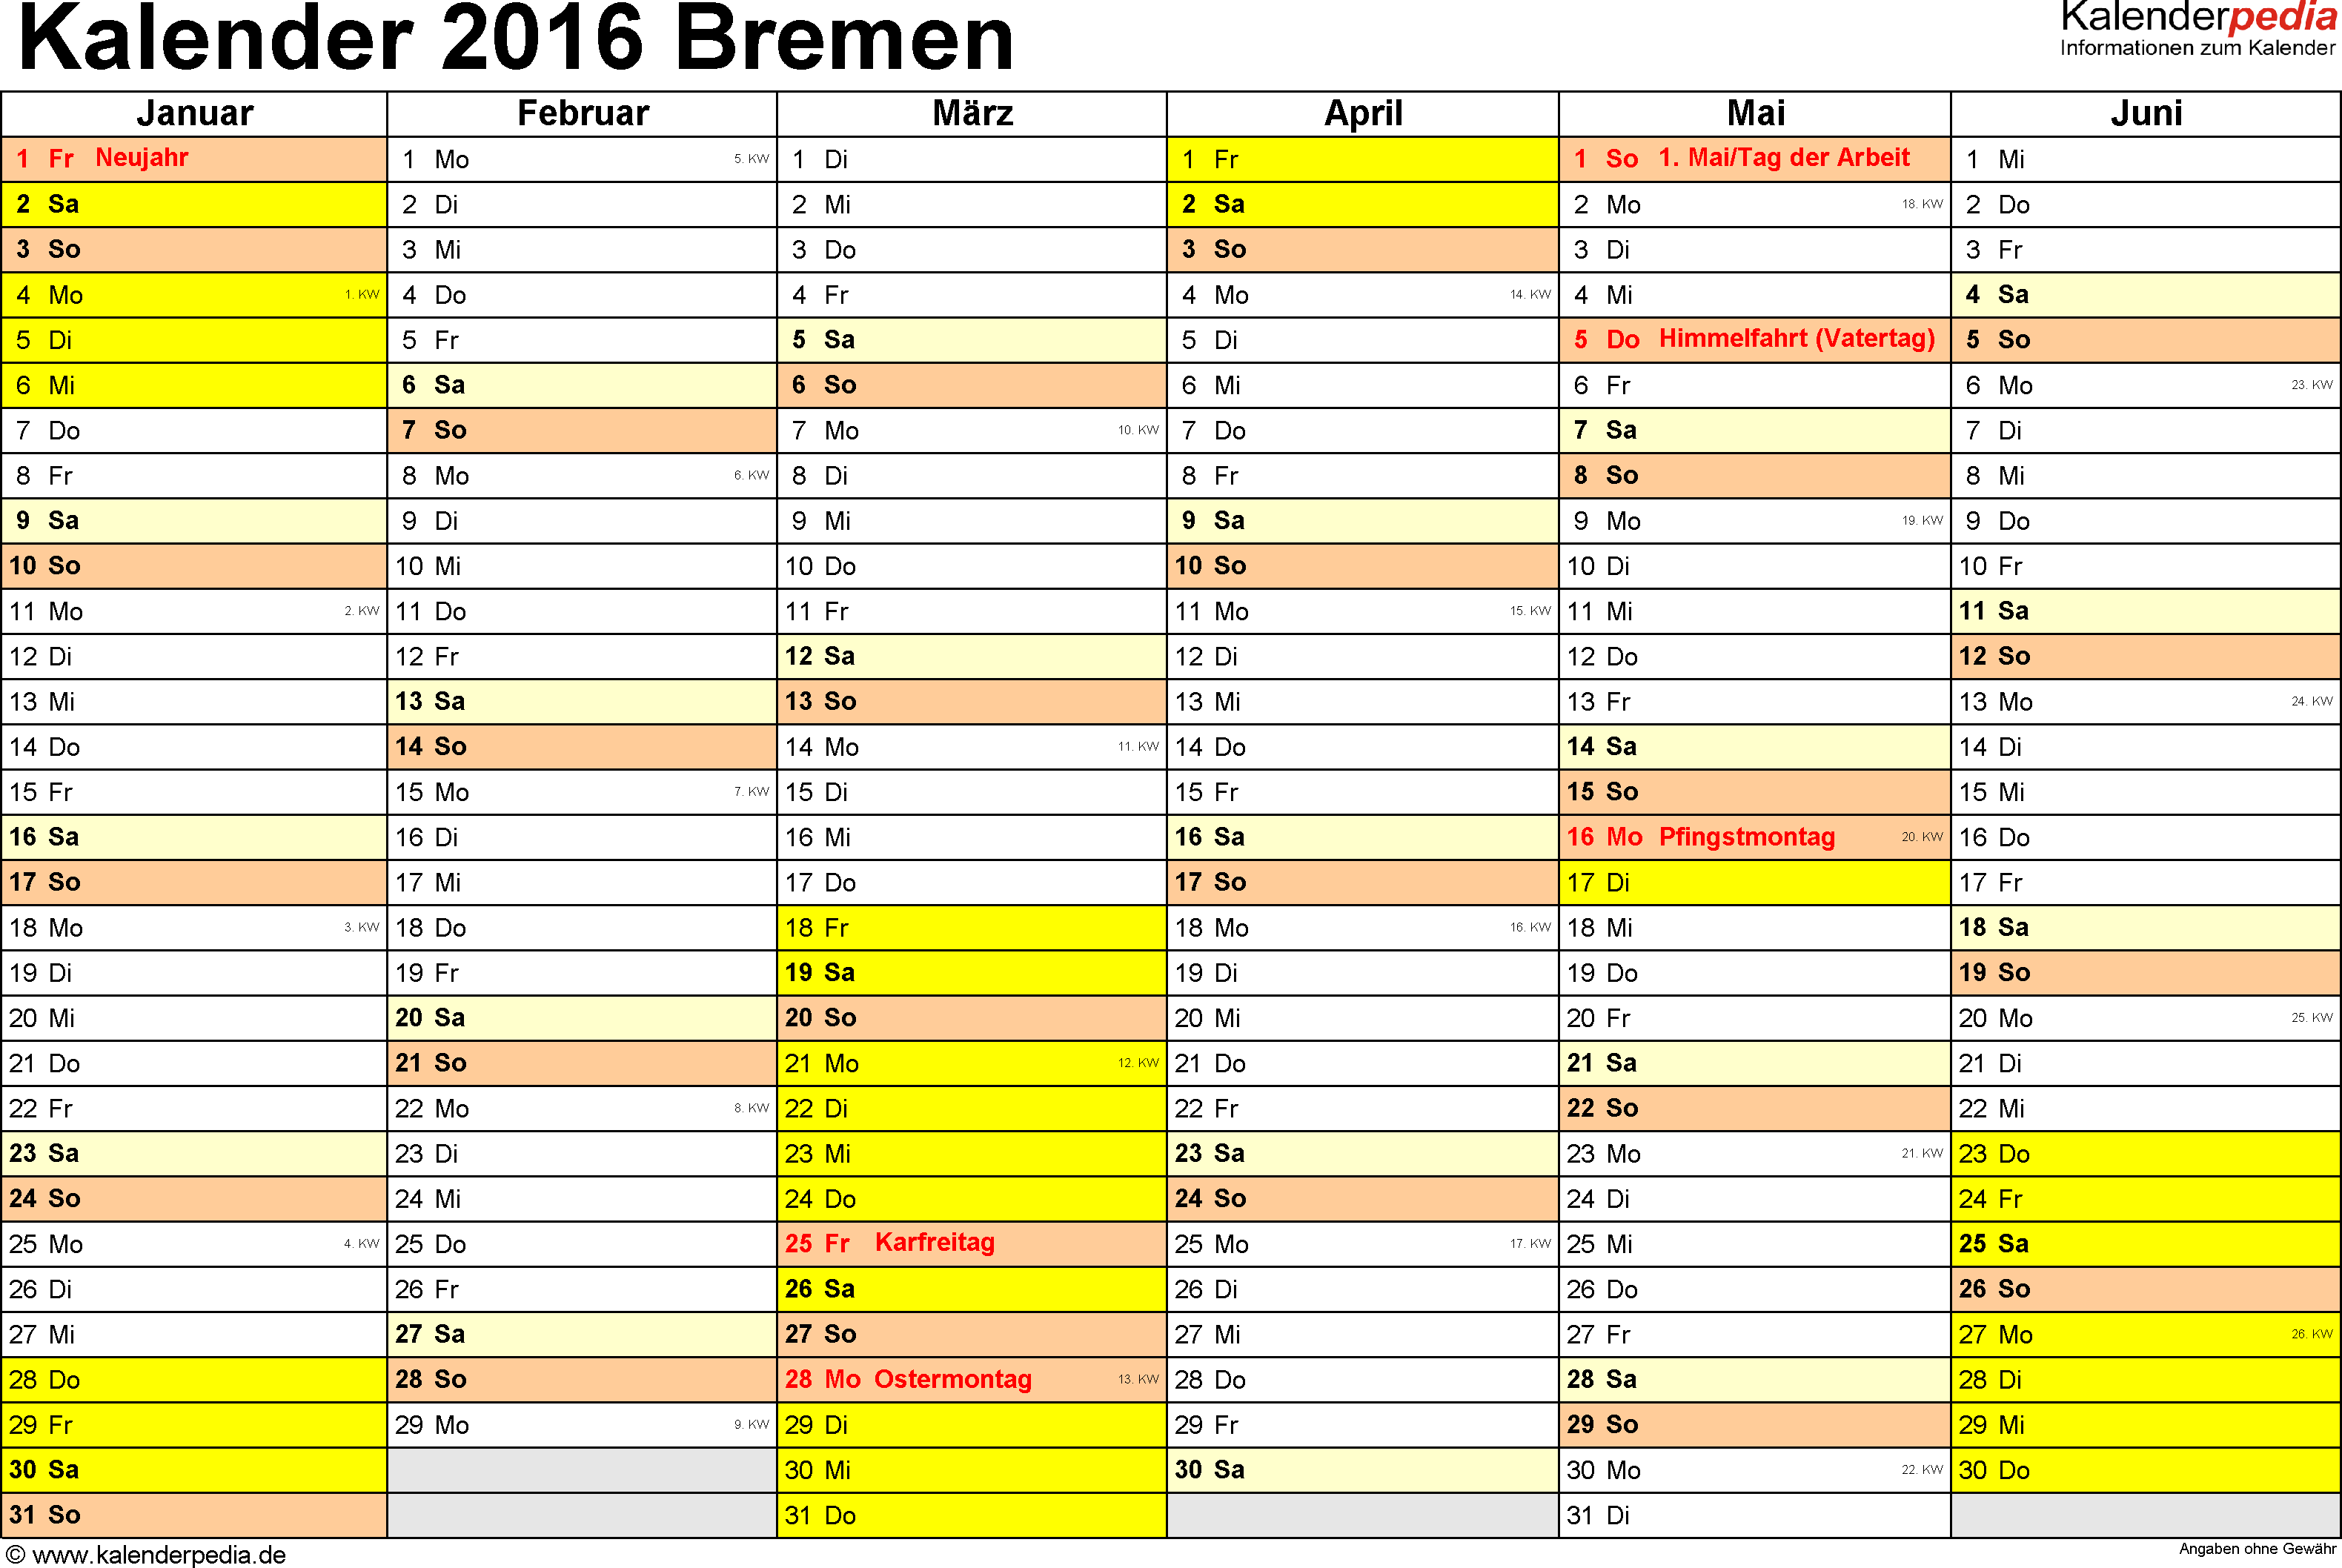 Vorlage 3: Kalender 2016 für Bremen als Word-Vorlagen (Querformat, 2 Seiten)